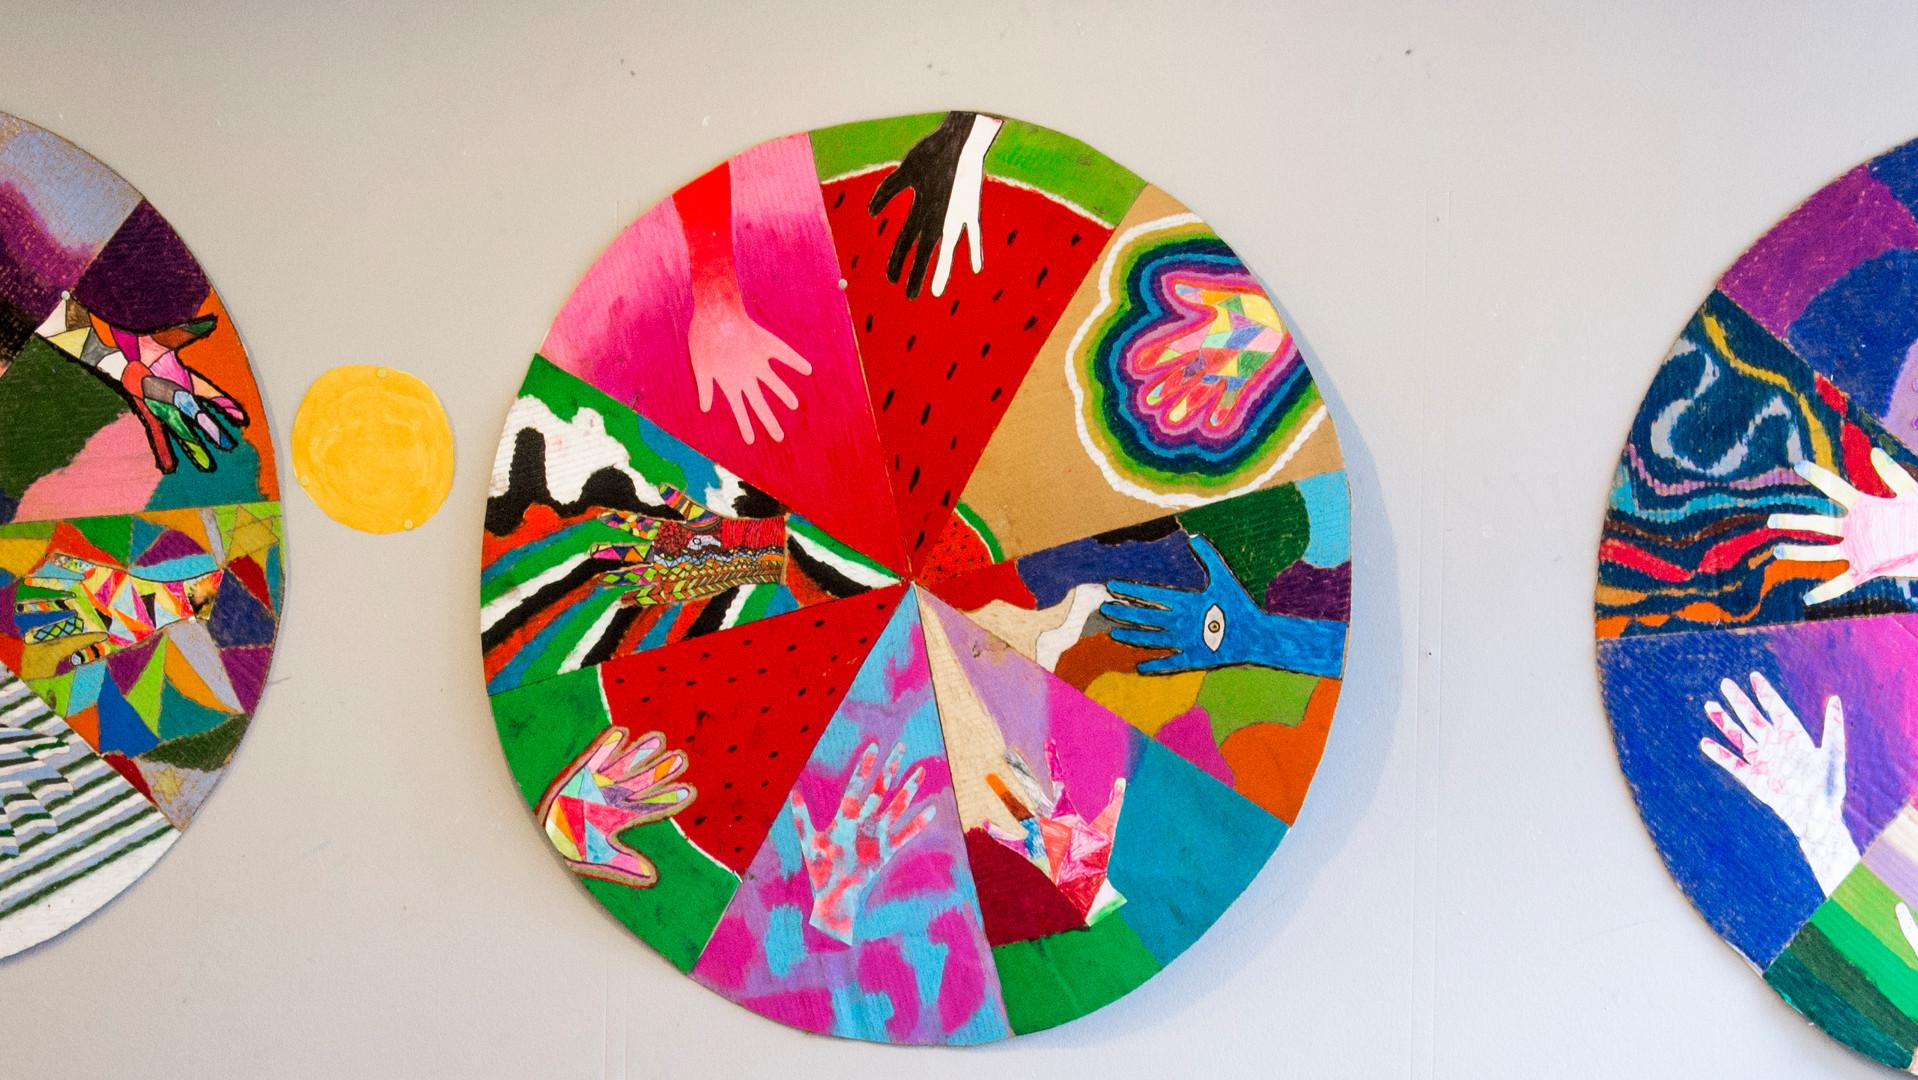 Konstverk bestående av rund skiva med händer i olika färger.